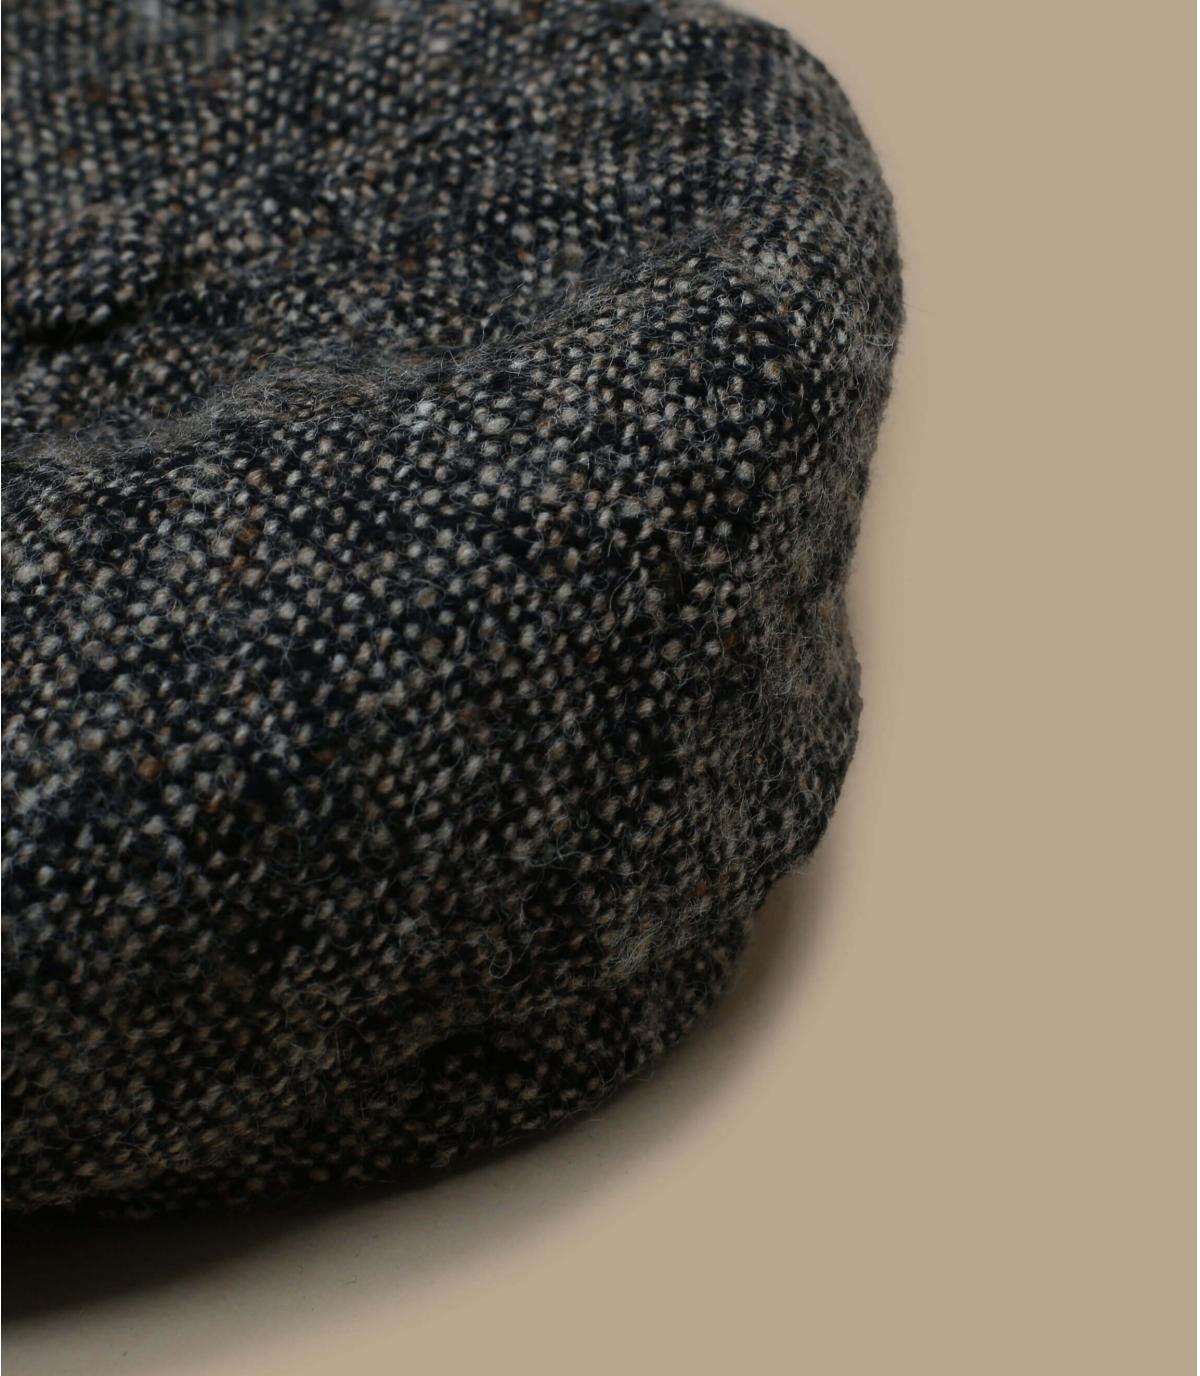 Details Brooklyn Wolle braun mit Leder - Abbildung 2